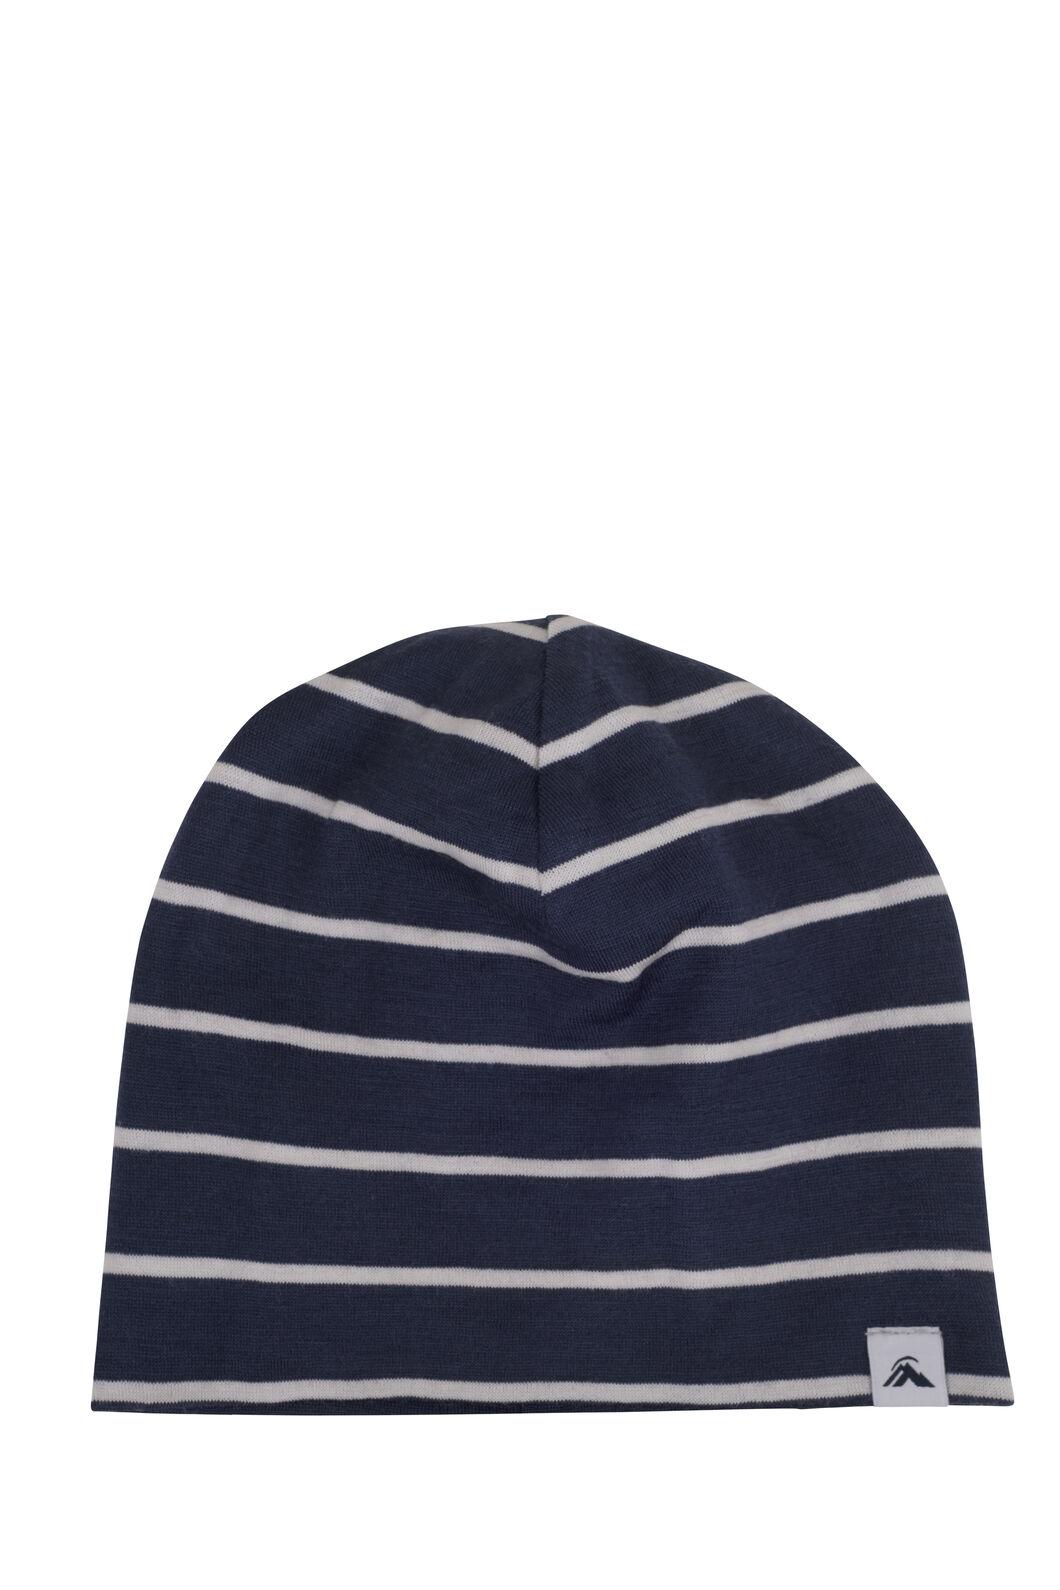 Macpac 150 Merino Beanie — Baby, Navy Stripe, hi-res